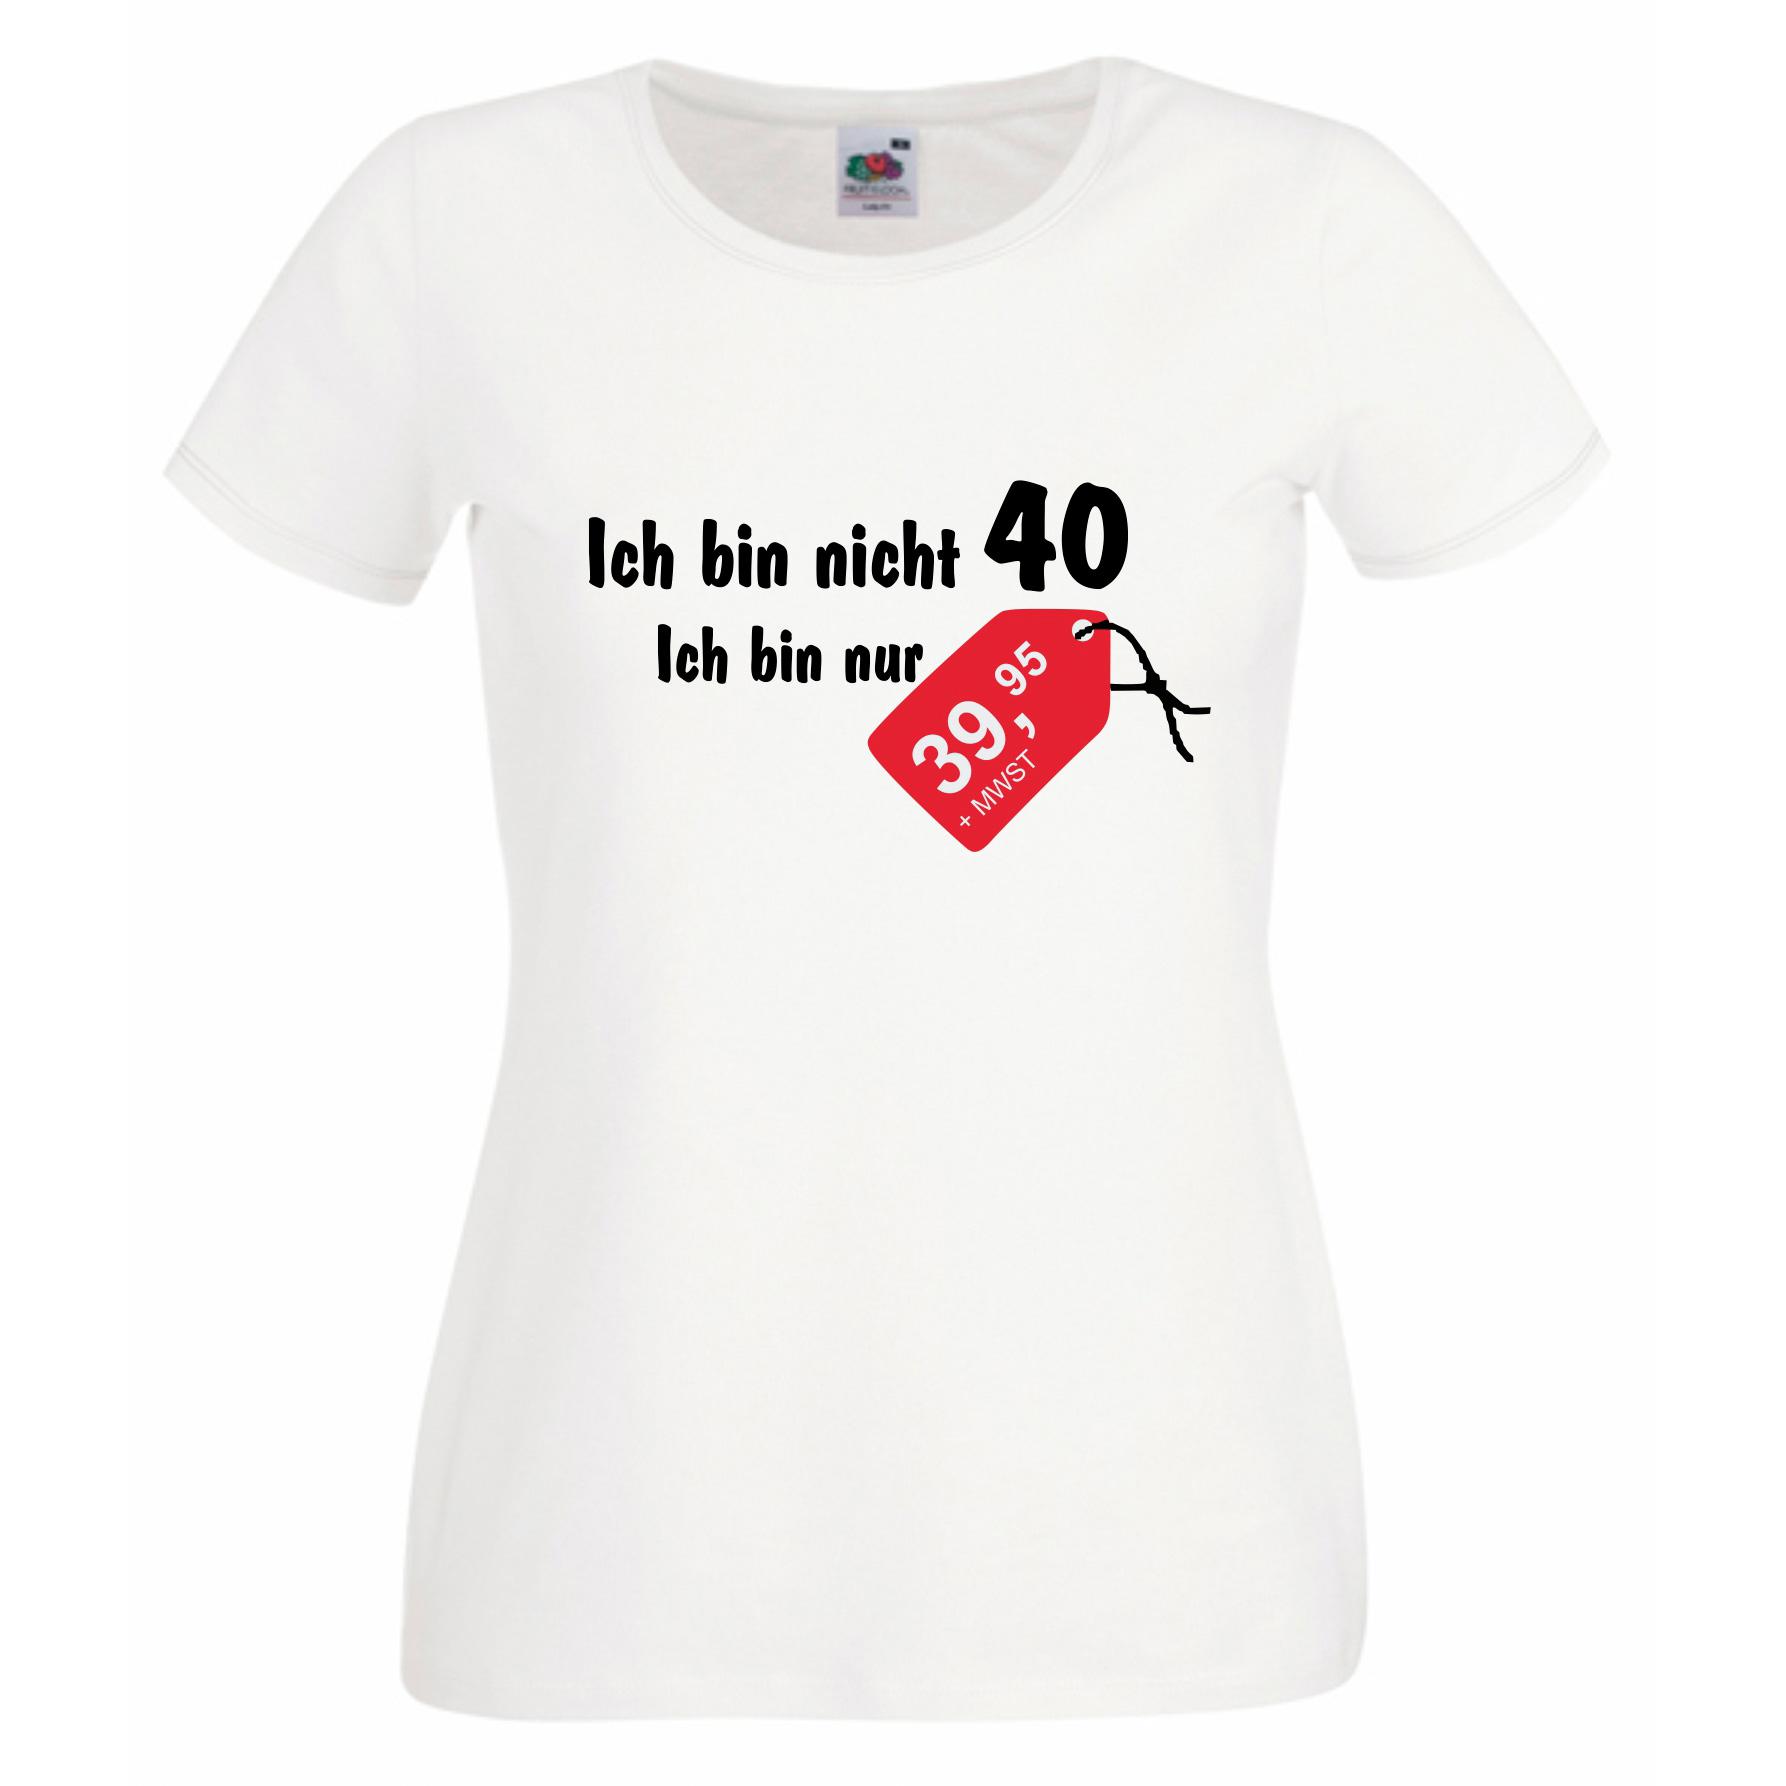 shirt zum 40 geburtstag damen ich bin nicht 40 motiv auf diesem t. Black Bedroom Furniture Sets. Home Design Ideas